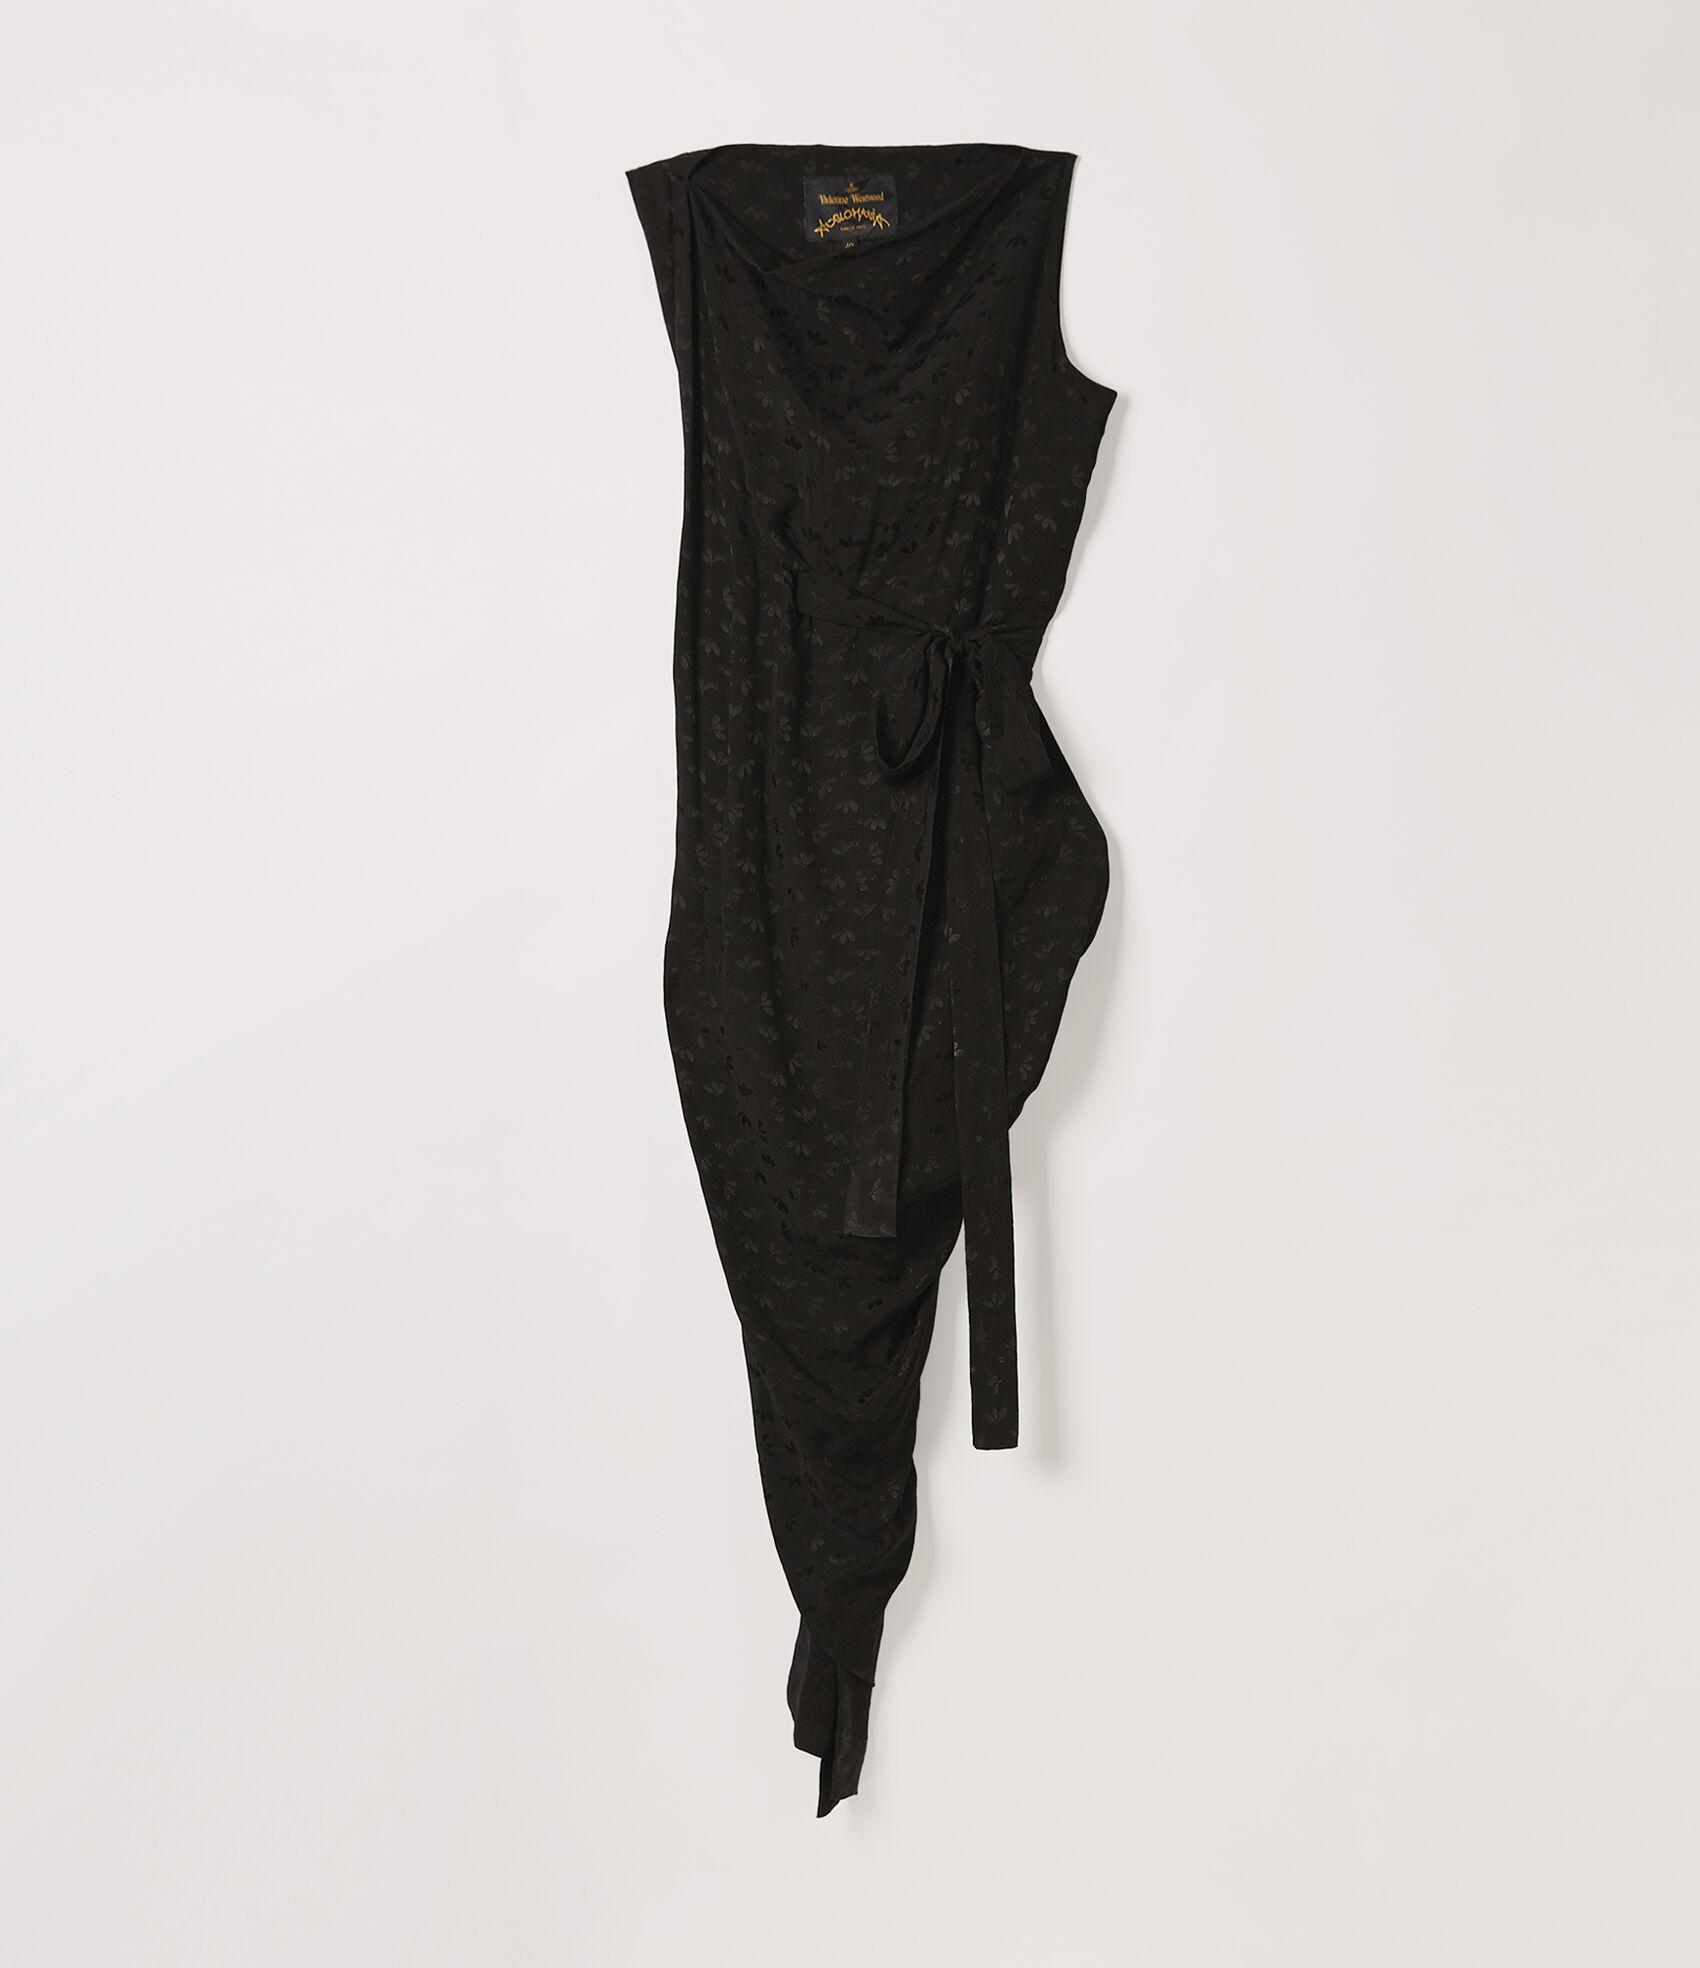 Vivienne Westwood Dresses Women S Clothing Vian Dress Black